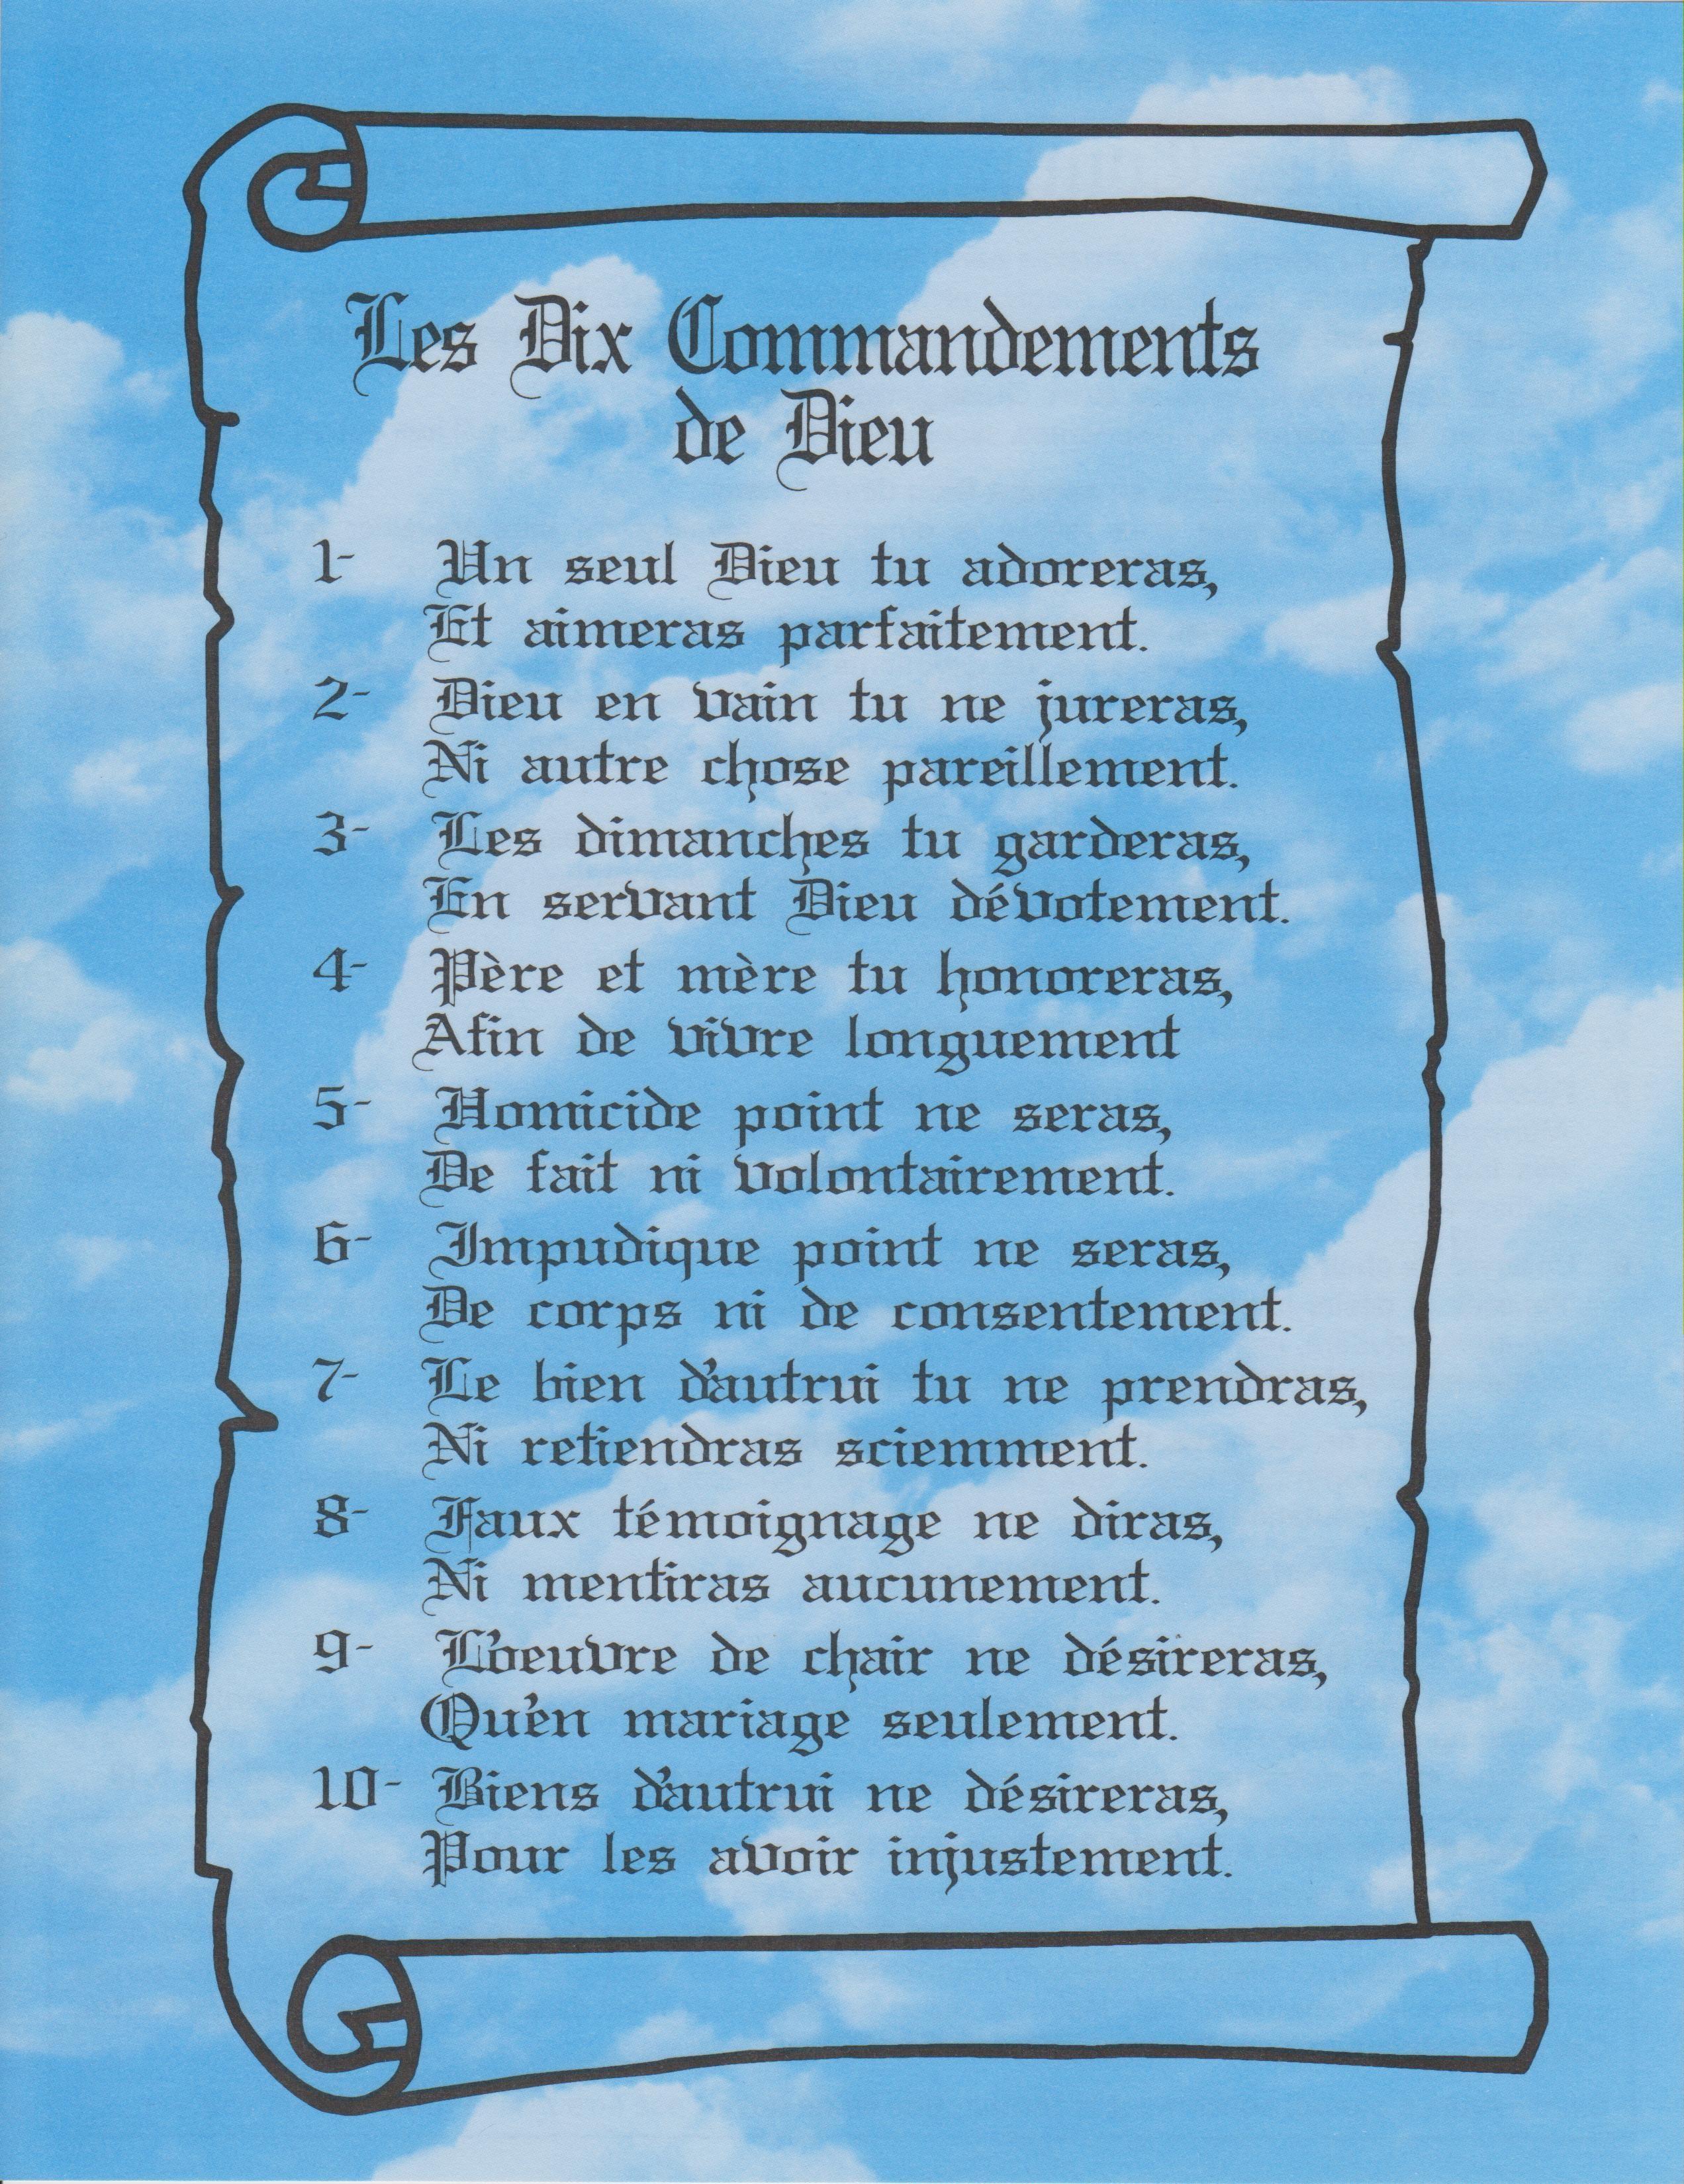 Les 10 Commandements De Dieu : commandements, 53-les-10-commandements-de-dieu, Mission, Sainte, MARIE